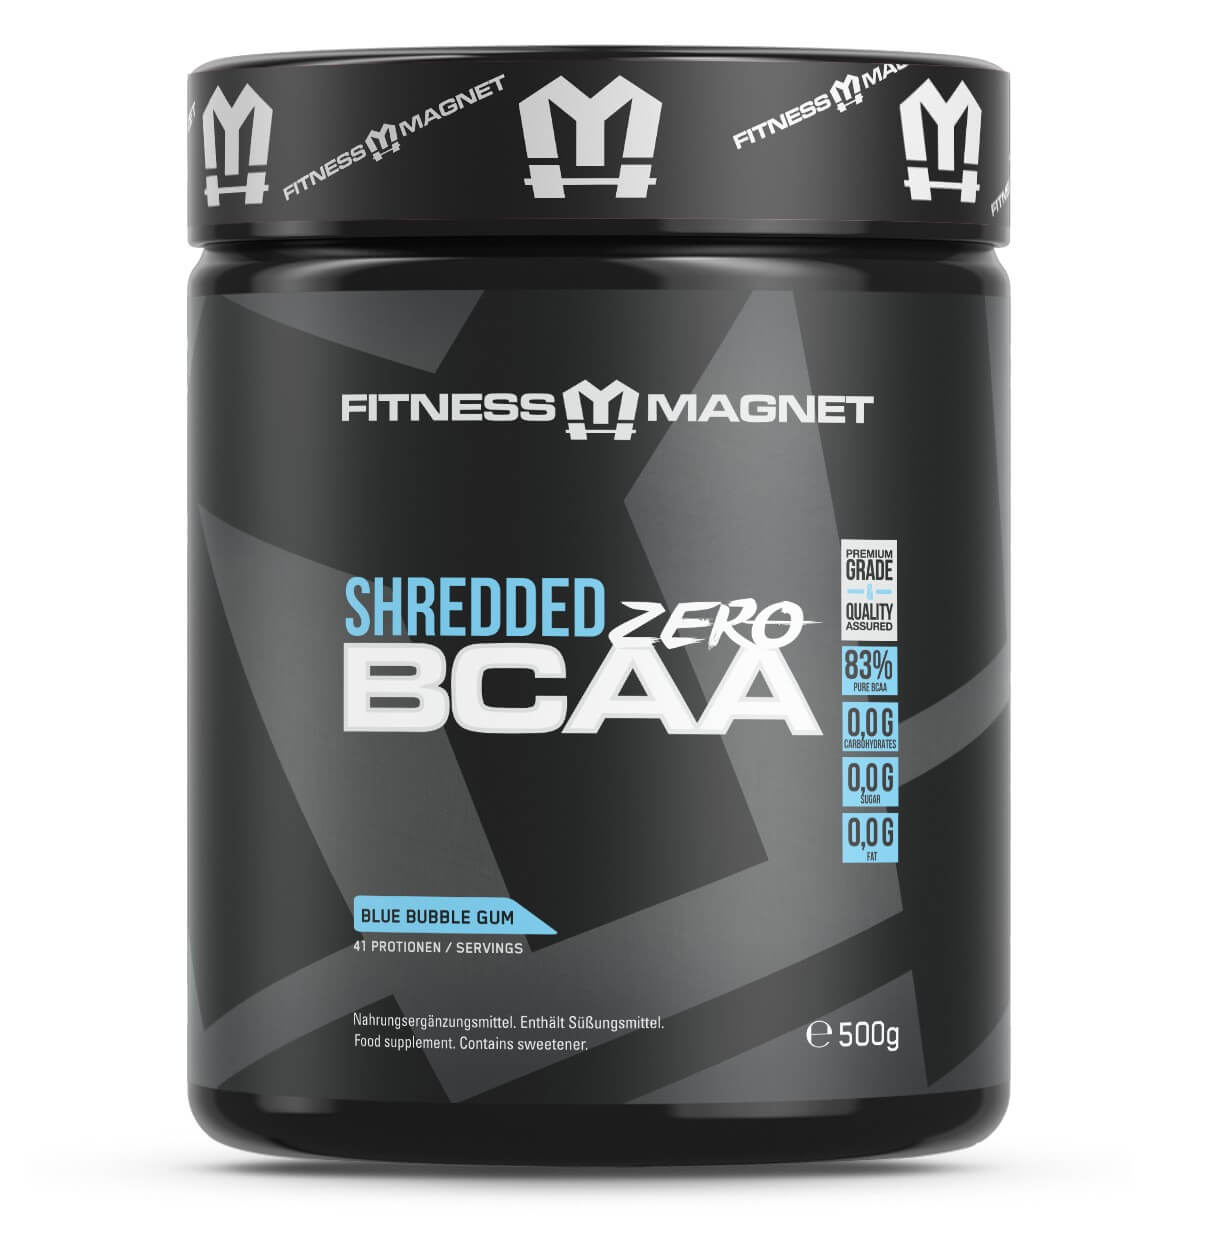 Shredded BCAA Zero - Fitnessmagnet©